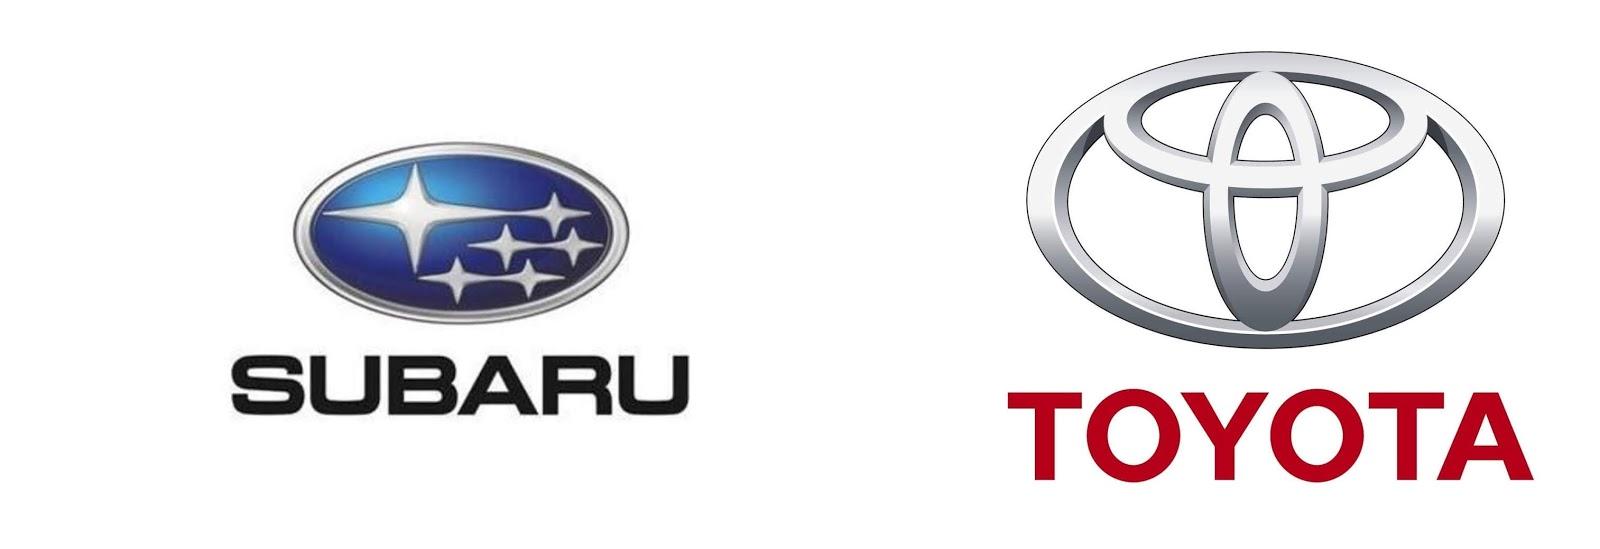 Subaru And Toyota To Recall More Than 400,000 Vehicles